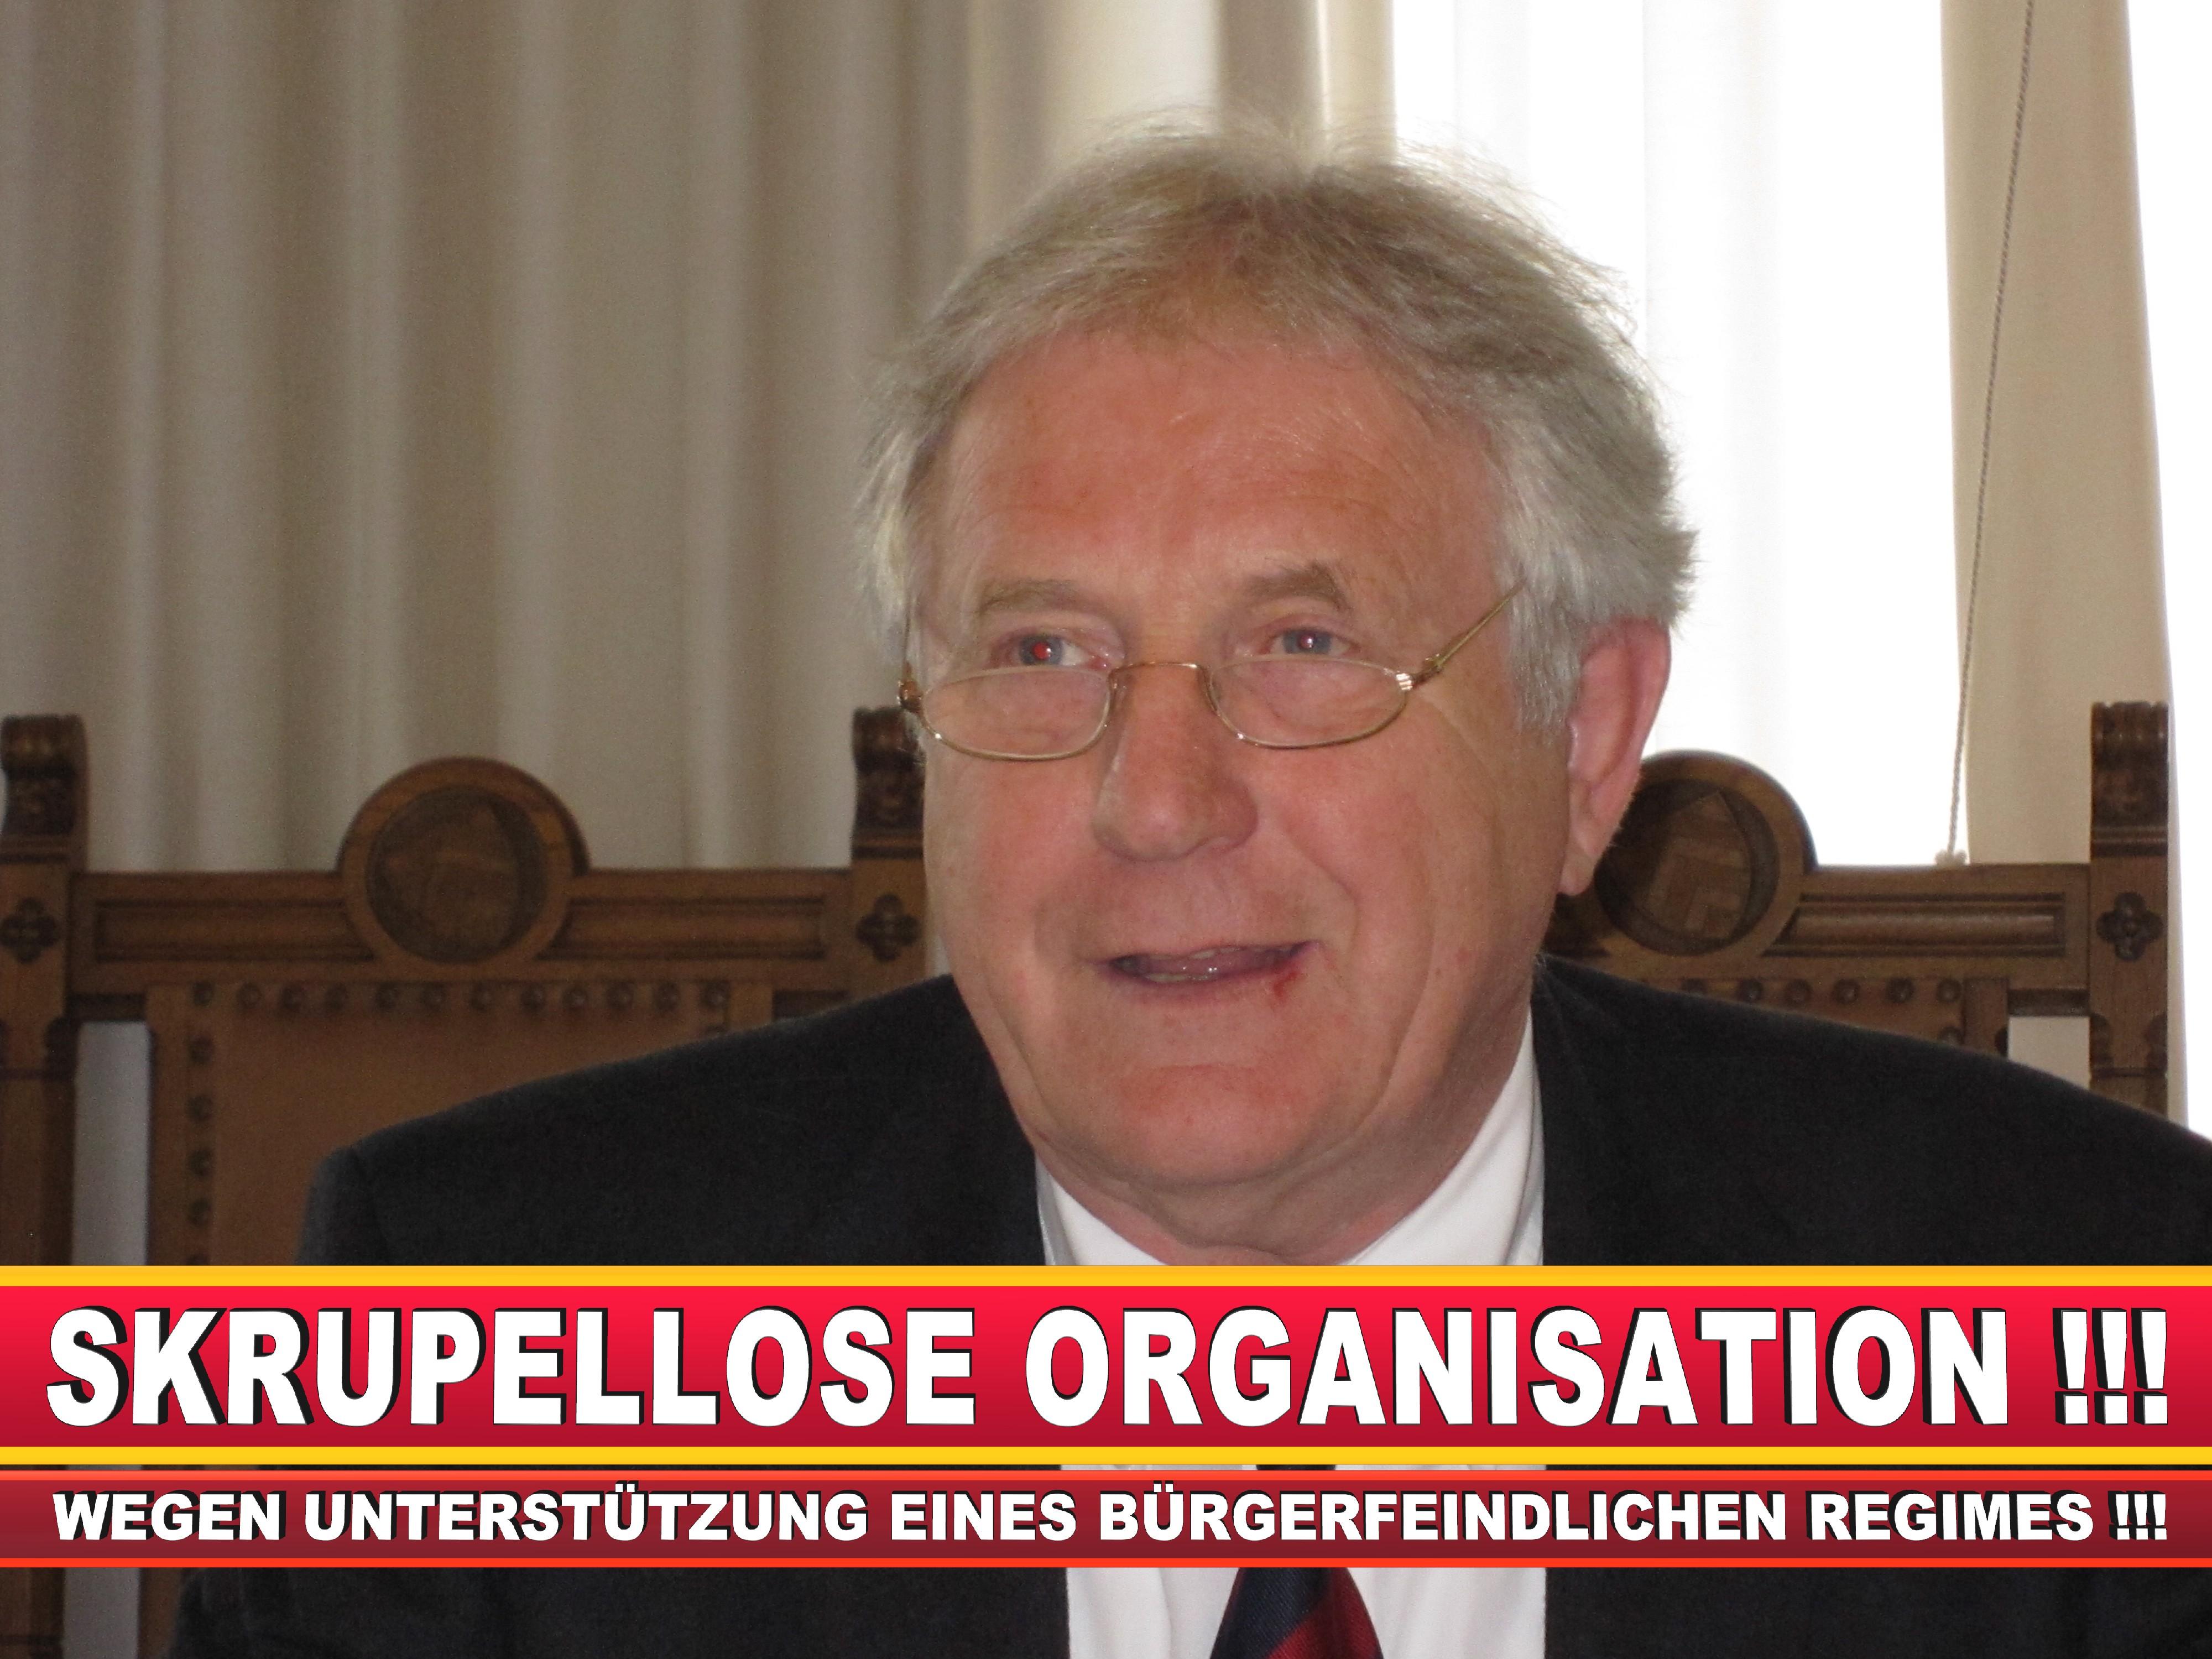 Polizeipräsident Erwin Südfeld Bielefeld Oberbürgermeister Bürgermeister Peter Clausen Pit Clausen Bielefeld (11)